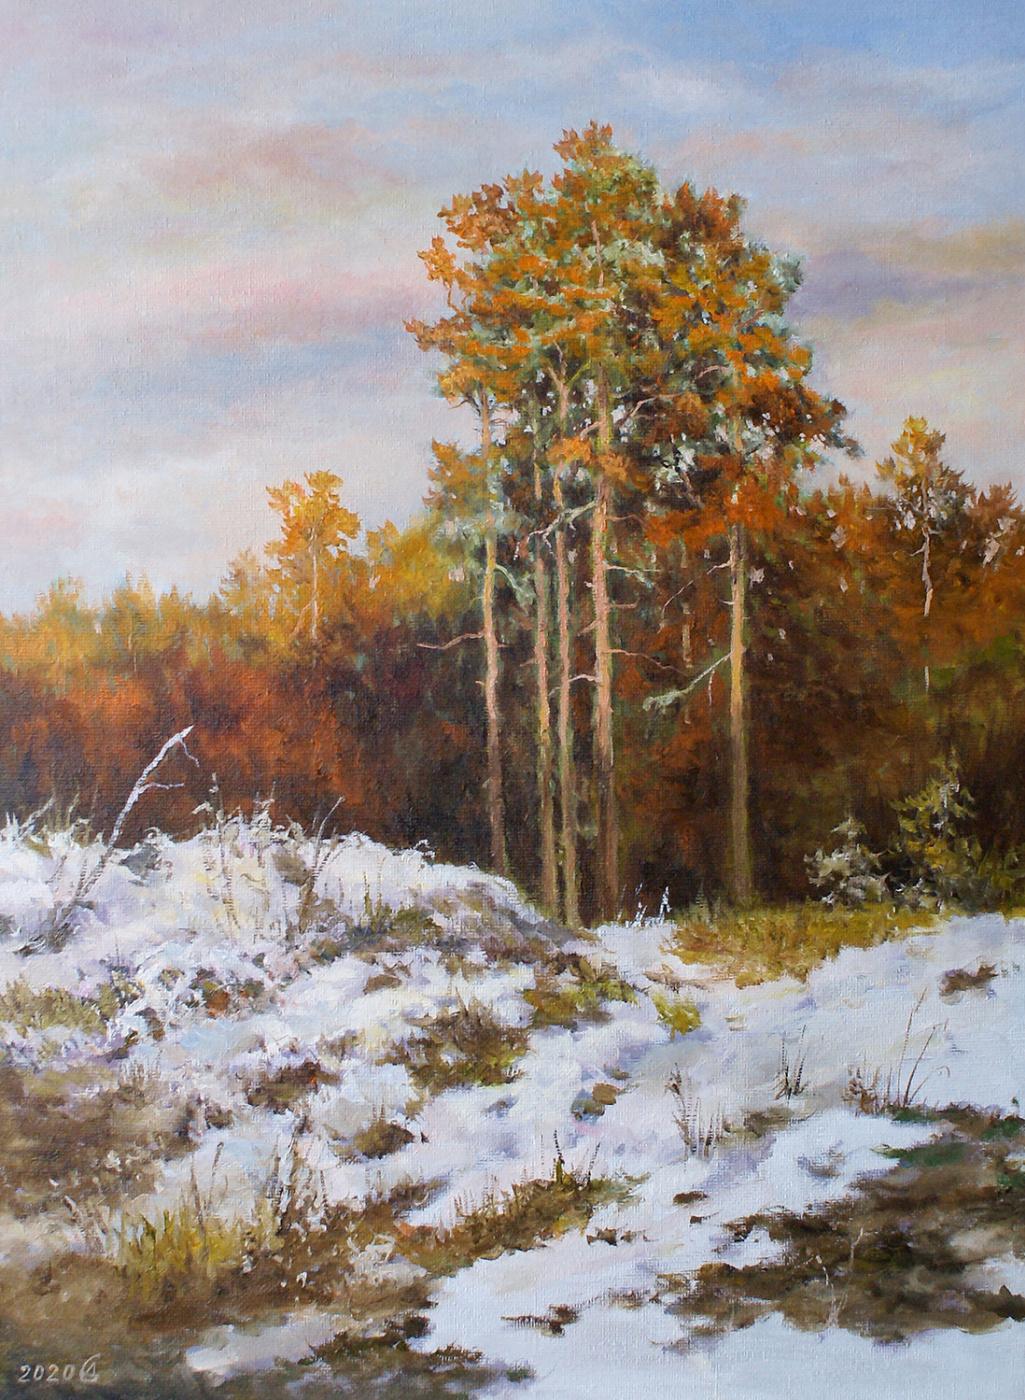 Сергей Владимирович Дорофеев. Evening. First snow